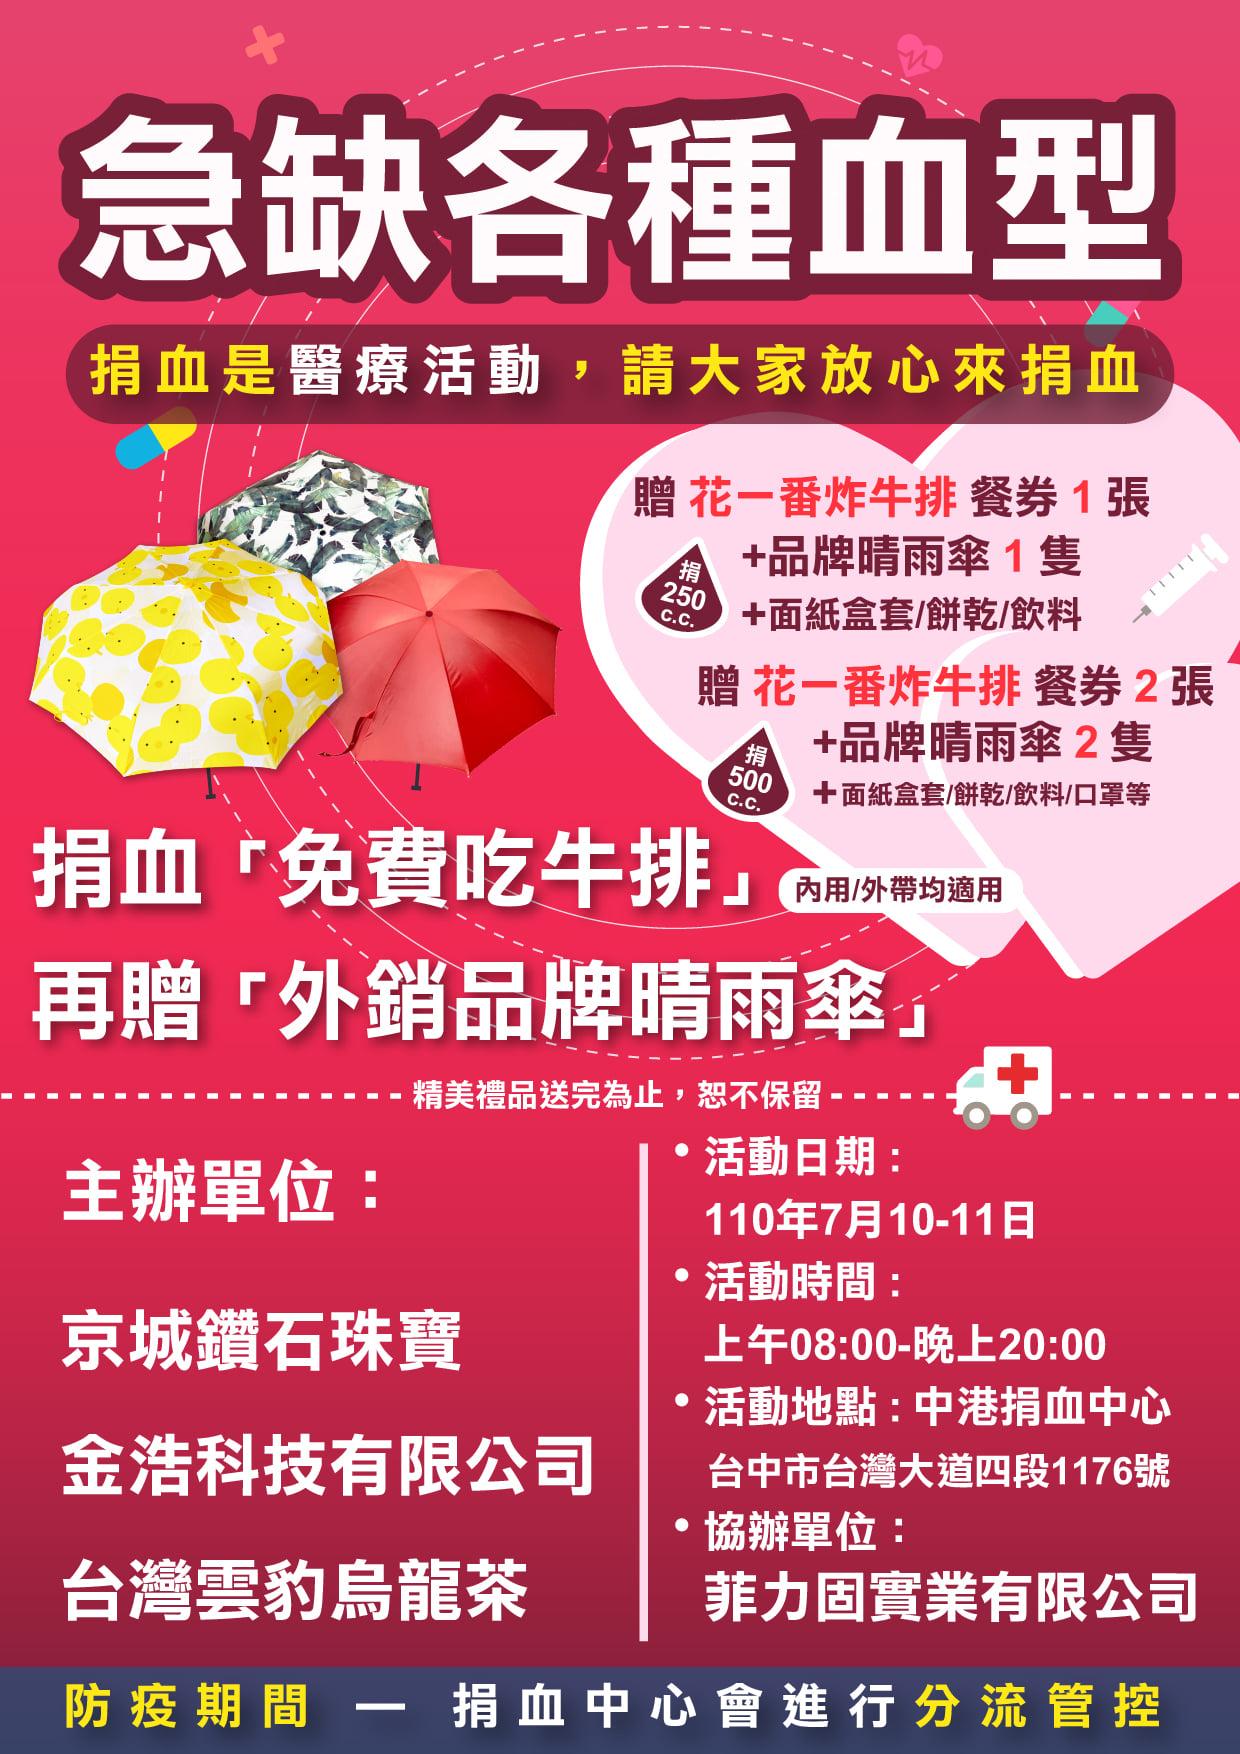 [情報] 7/10-11中港捐血室送花一番炸牛排+雨傘